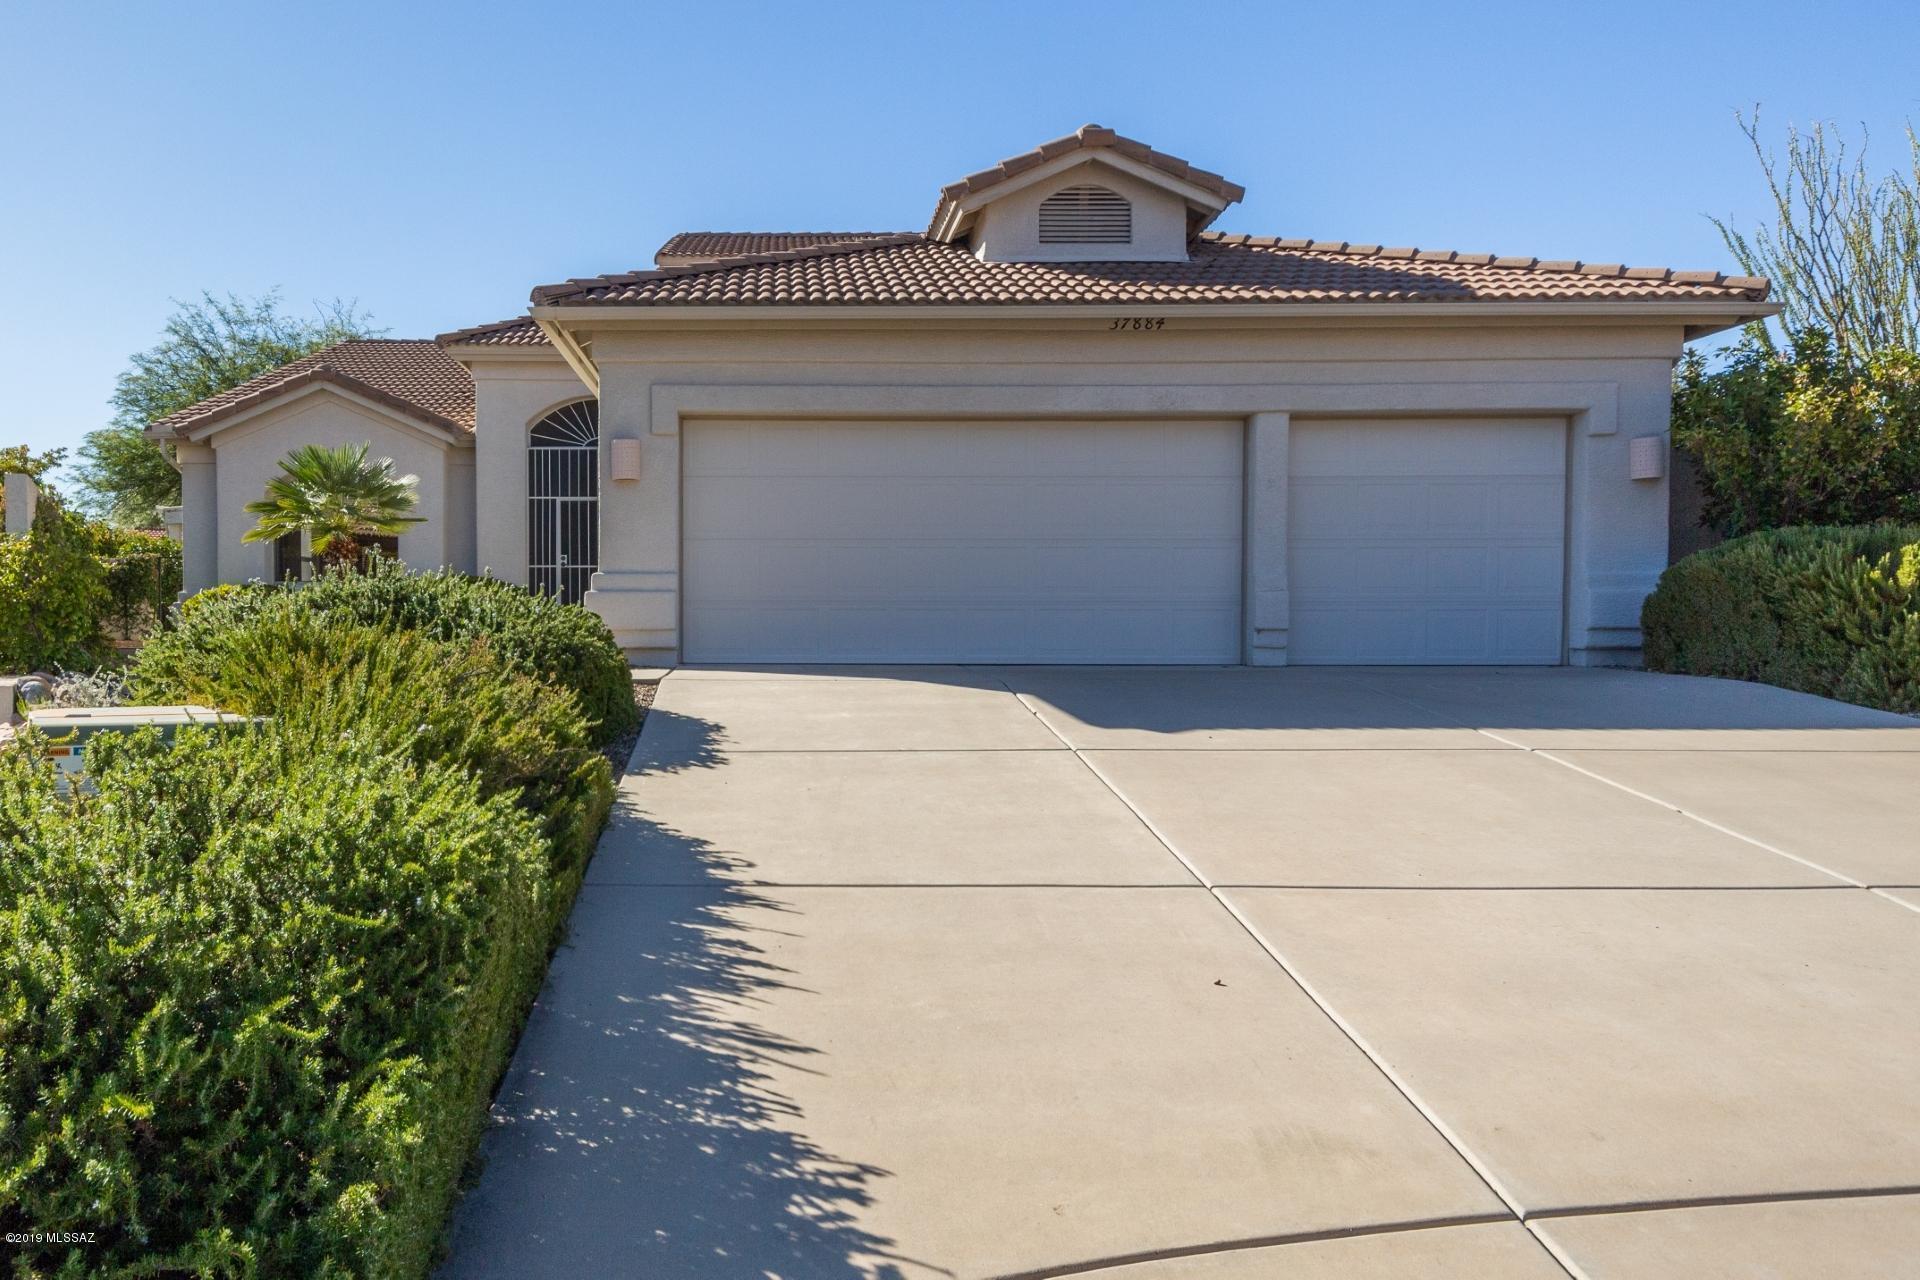 Photo of 37884 S Cypress Court, Saddlebrooke, AZ 85739